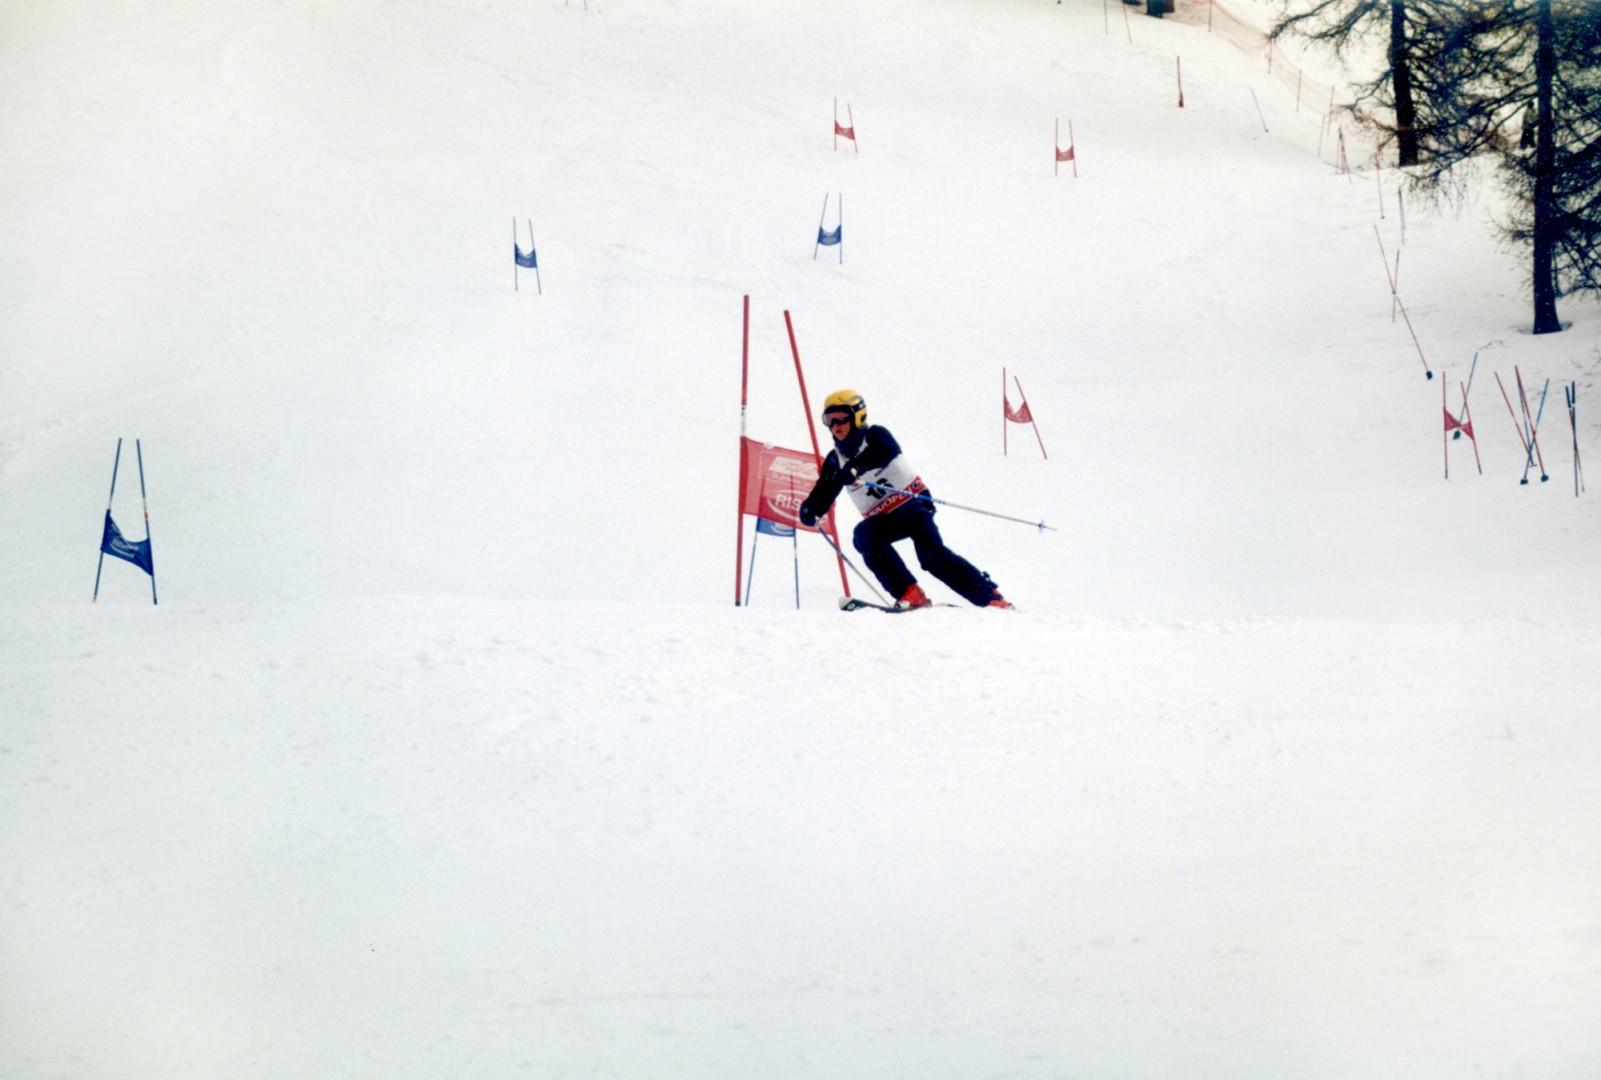 Kevin Mayer a remporté une course de ski face à des enfants du coin